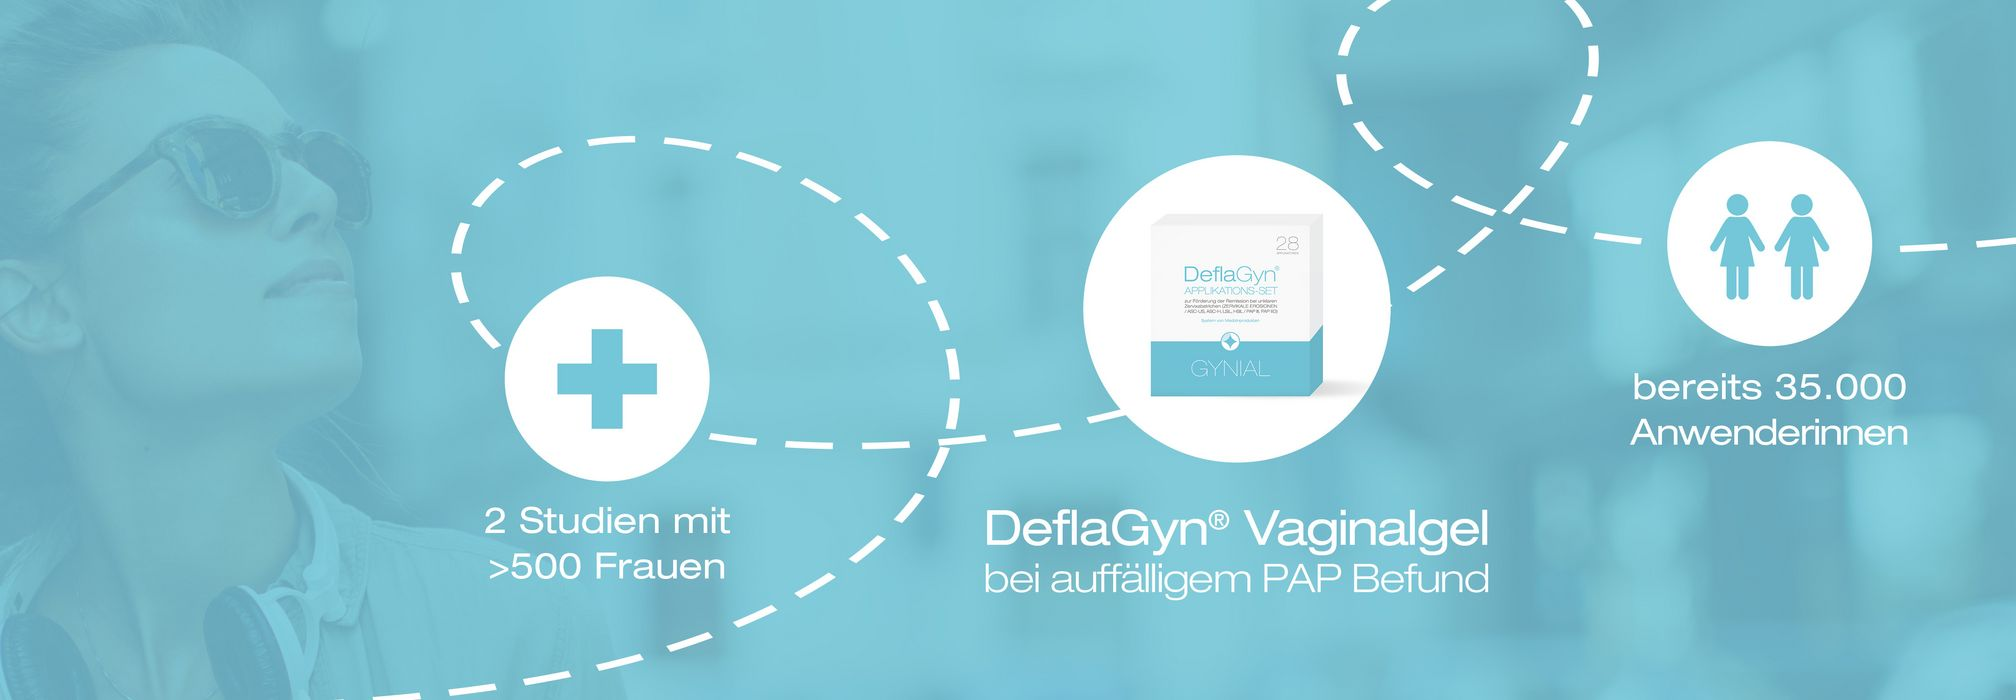 DeflaGyn Vaginalgel Studie